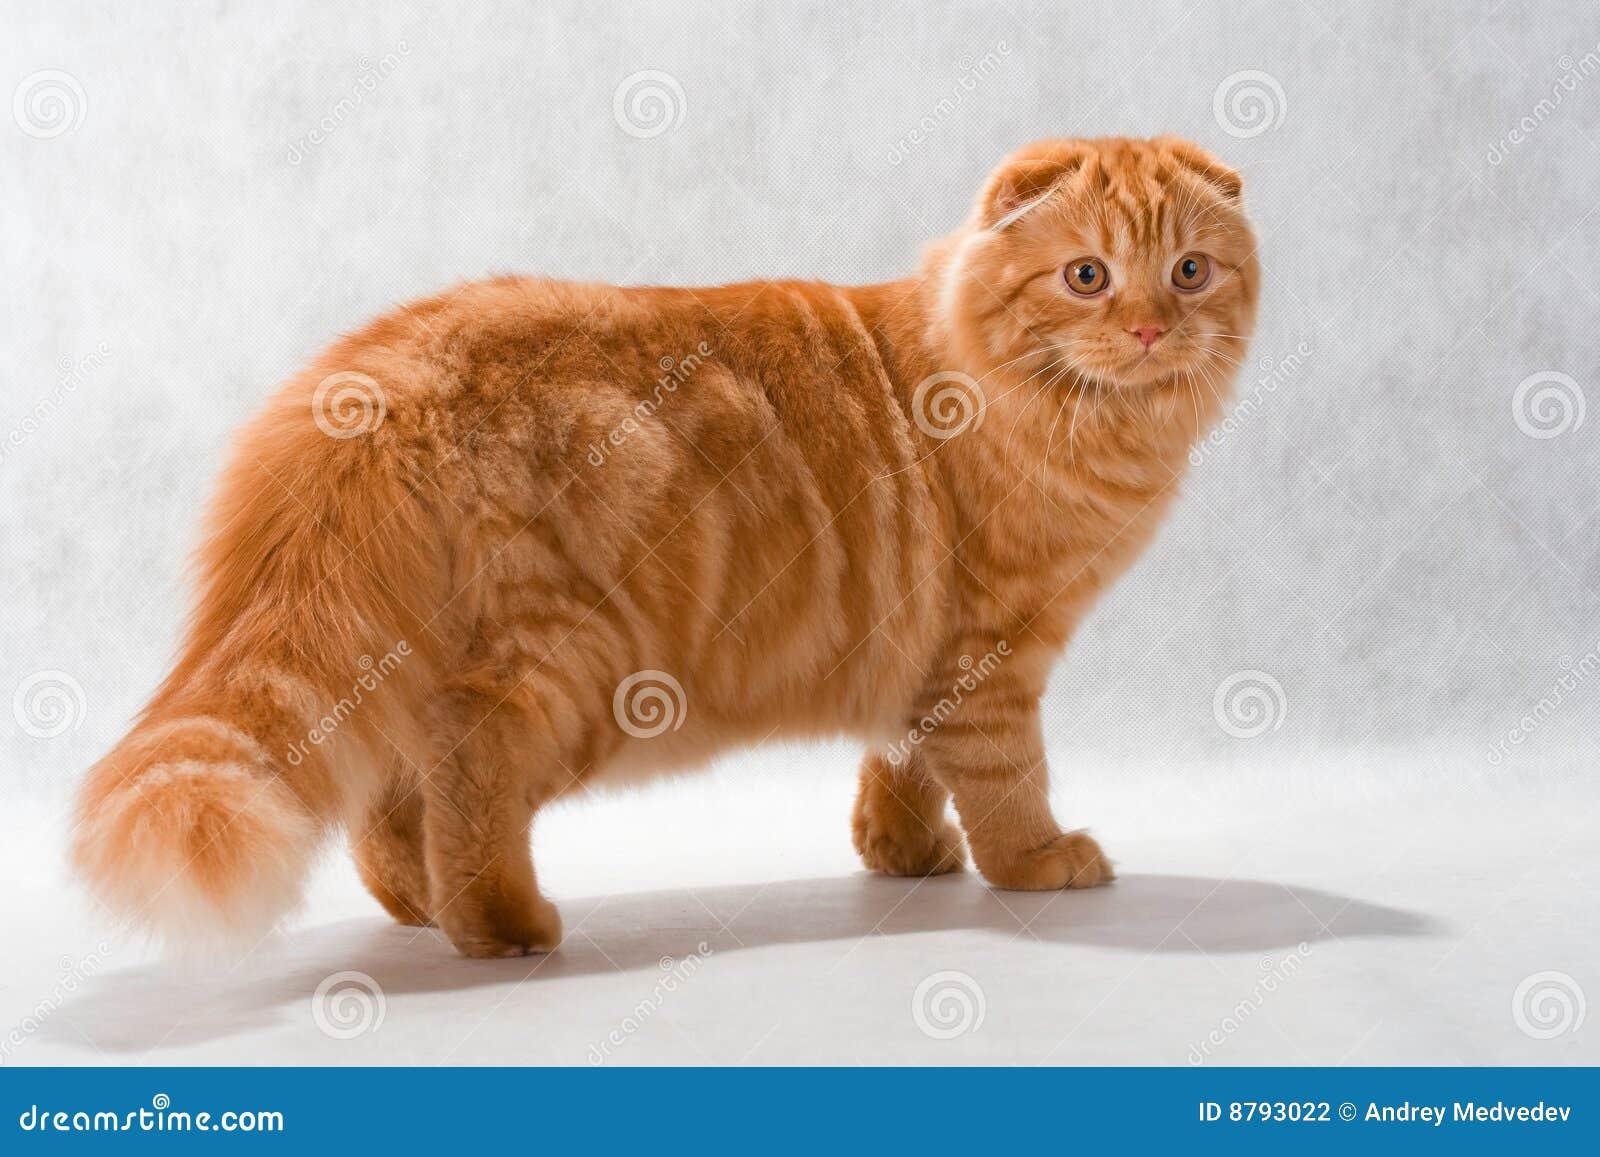 Cat Breed Highland Fol...